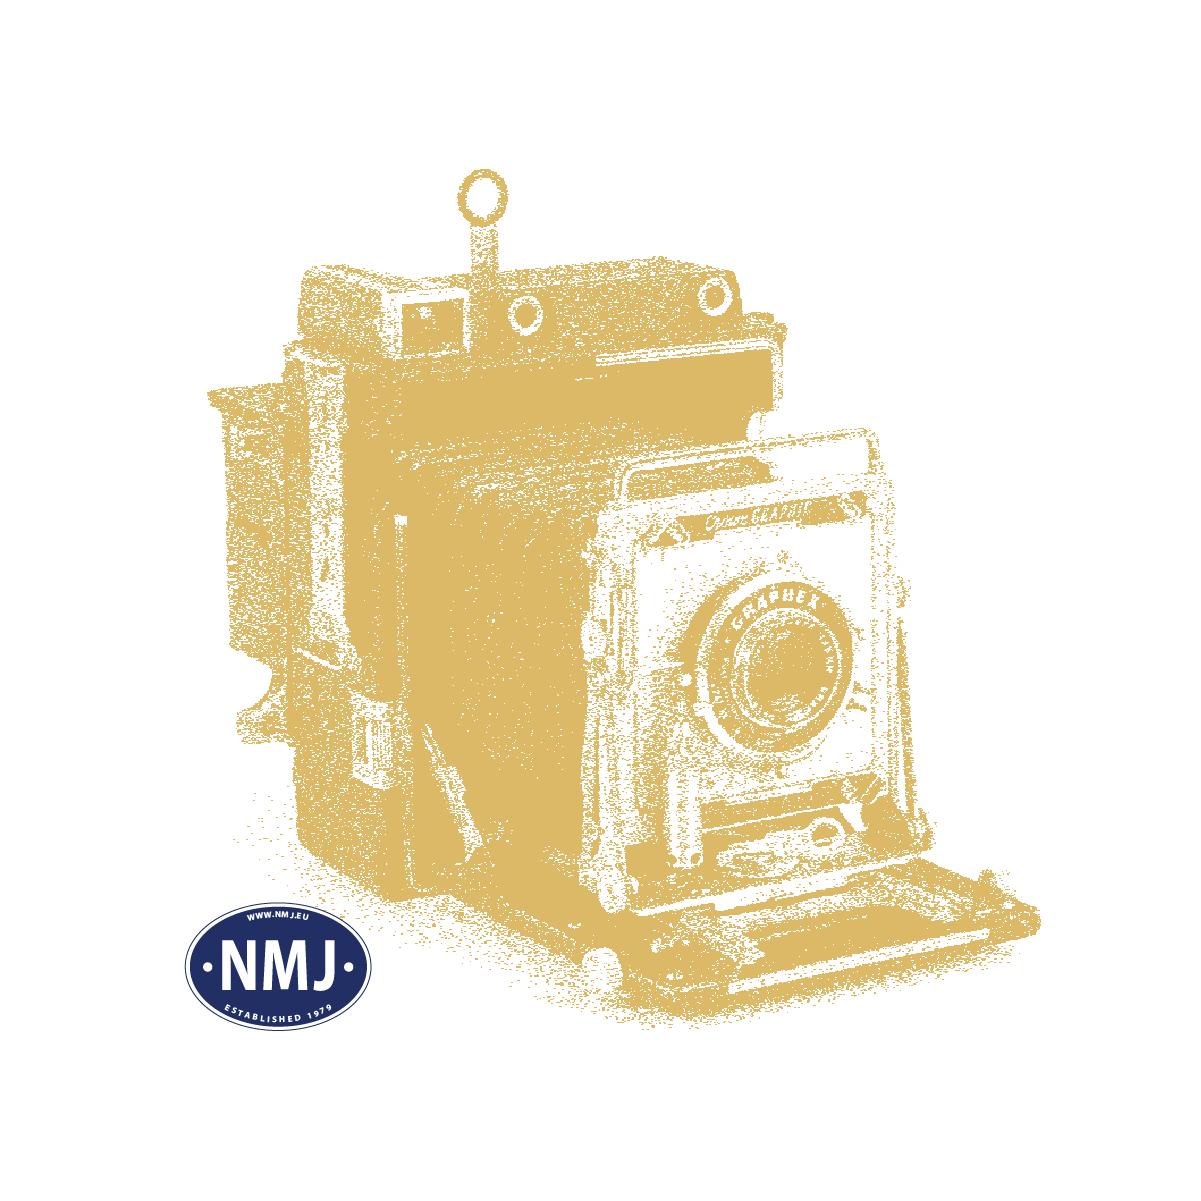 NMJT9902 - NMJ Topline Parts for KBPS/OS